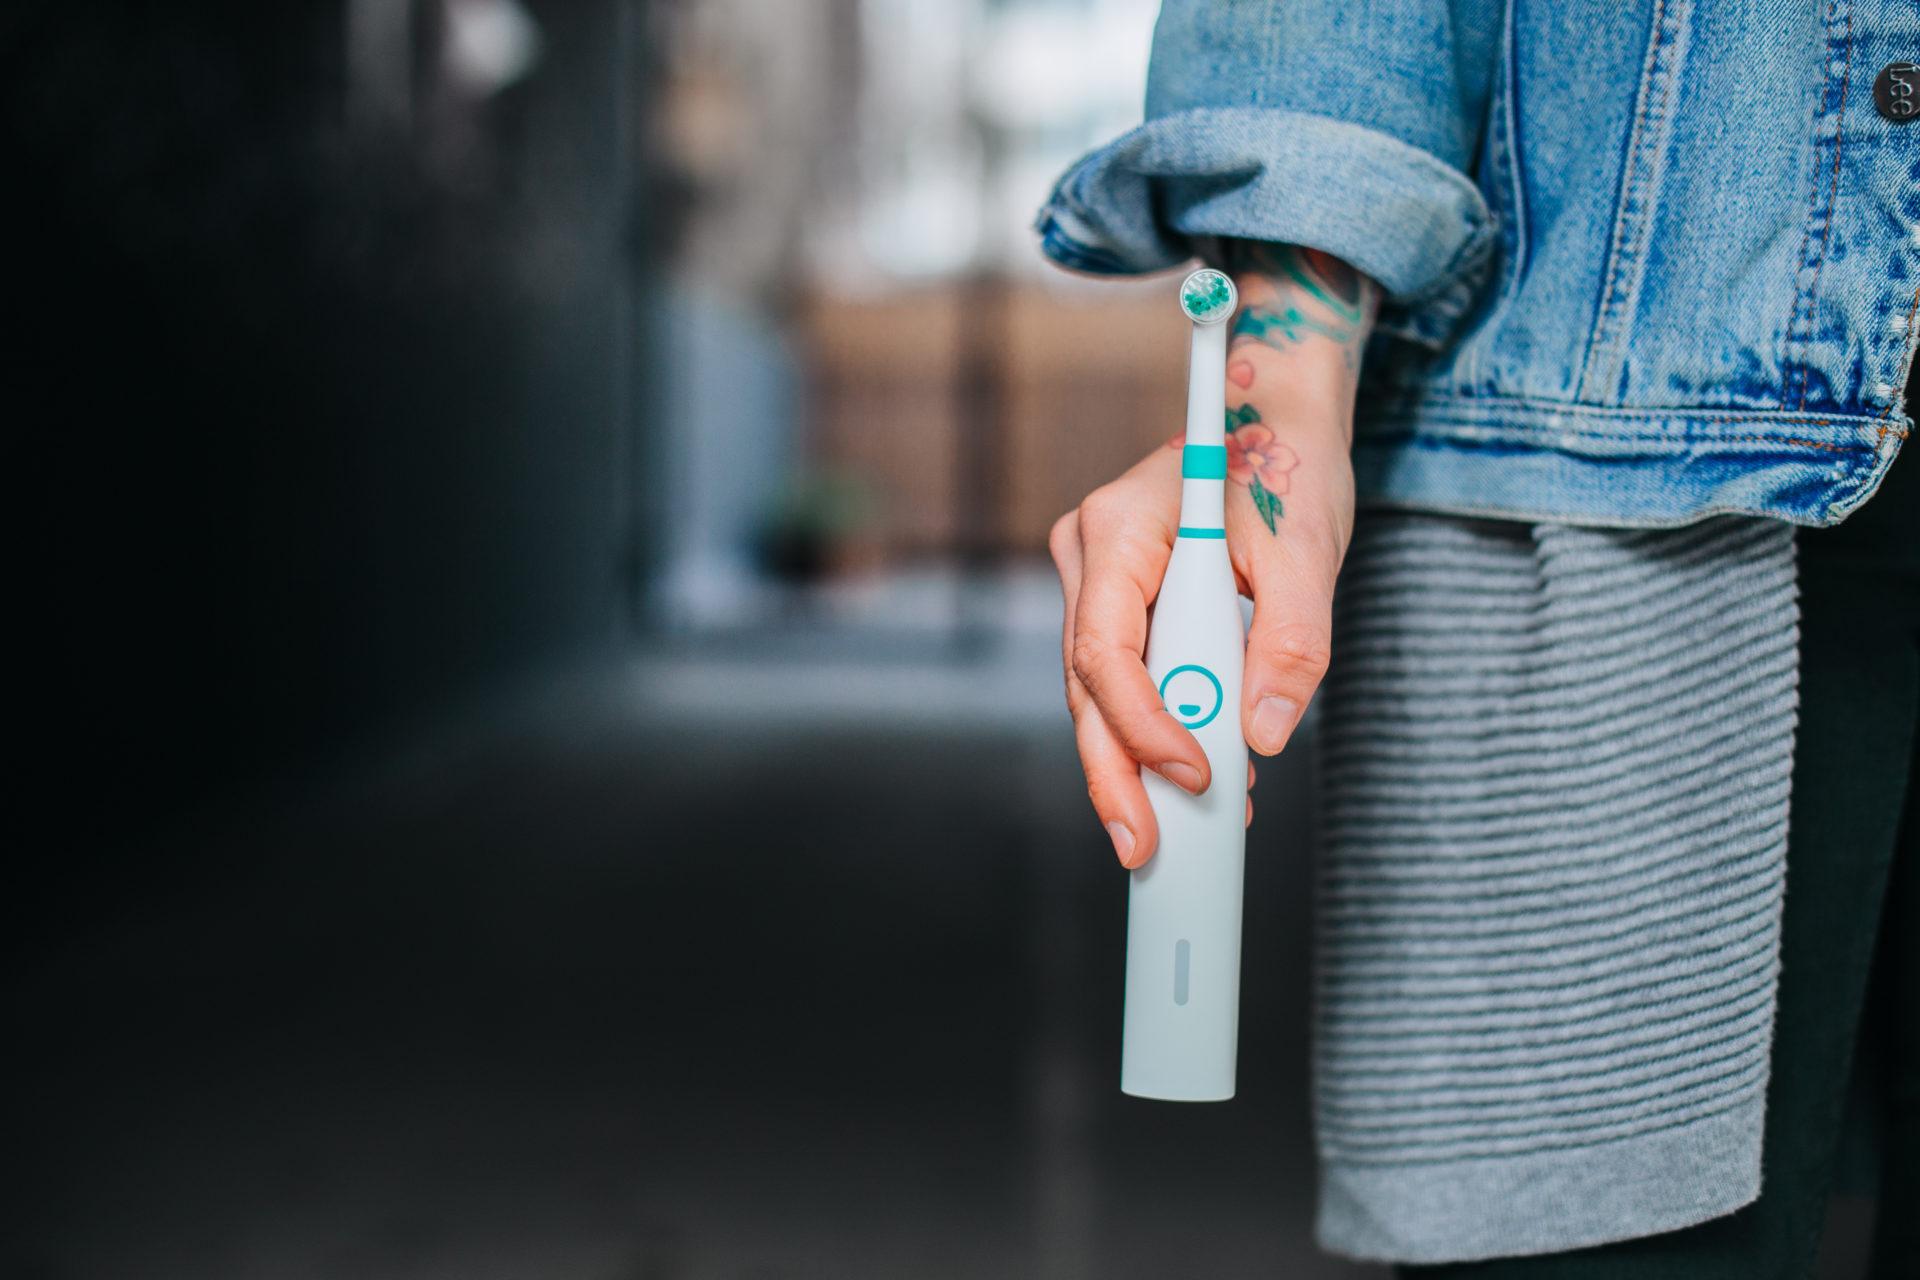 Happybrush Zahnbürste in der Hand eines Models